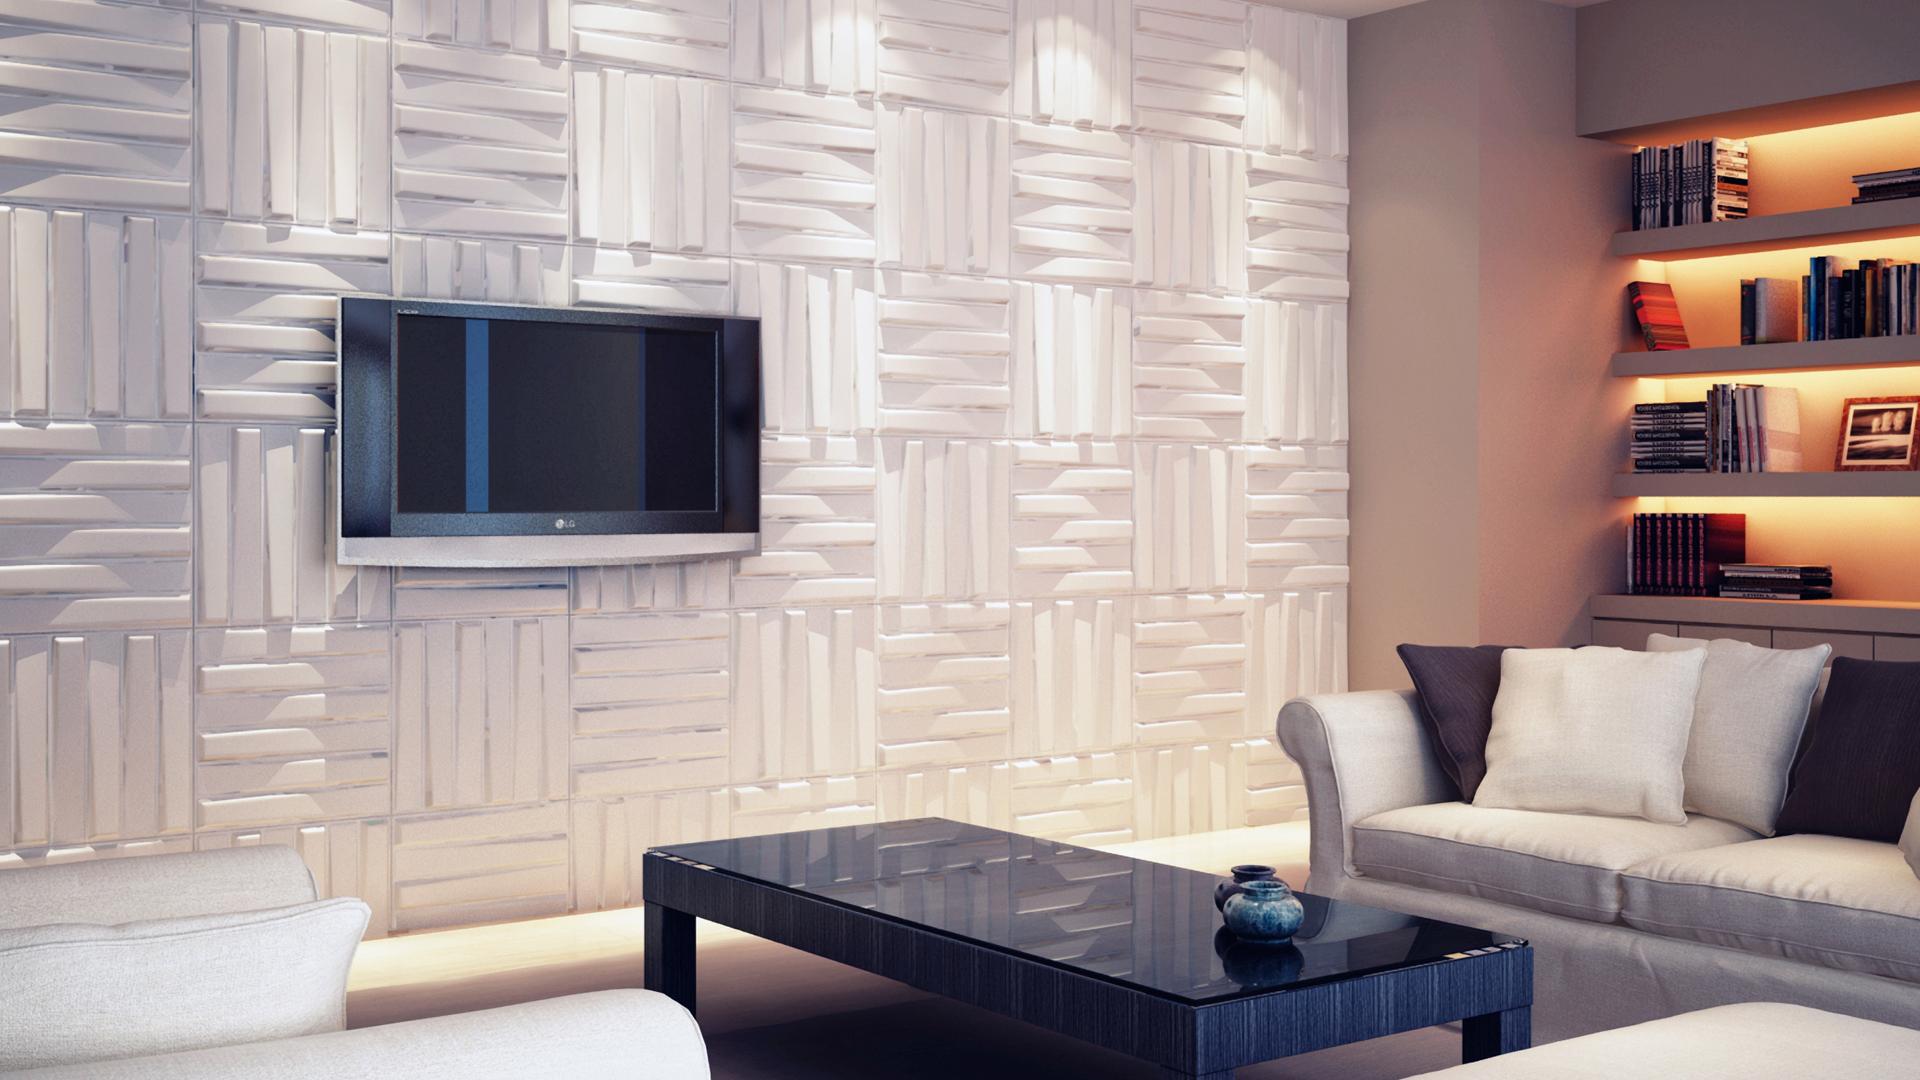 wohnzimmer • 3d wandpaneele | deckenpaneele | wandverkleidung aus, Hause deko